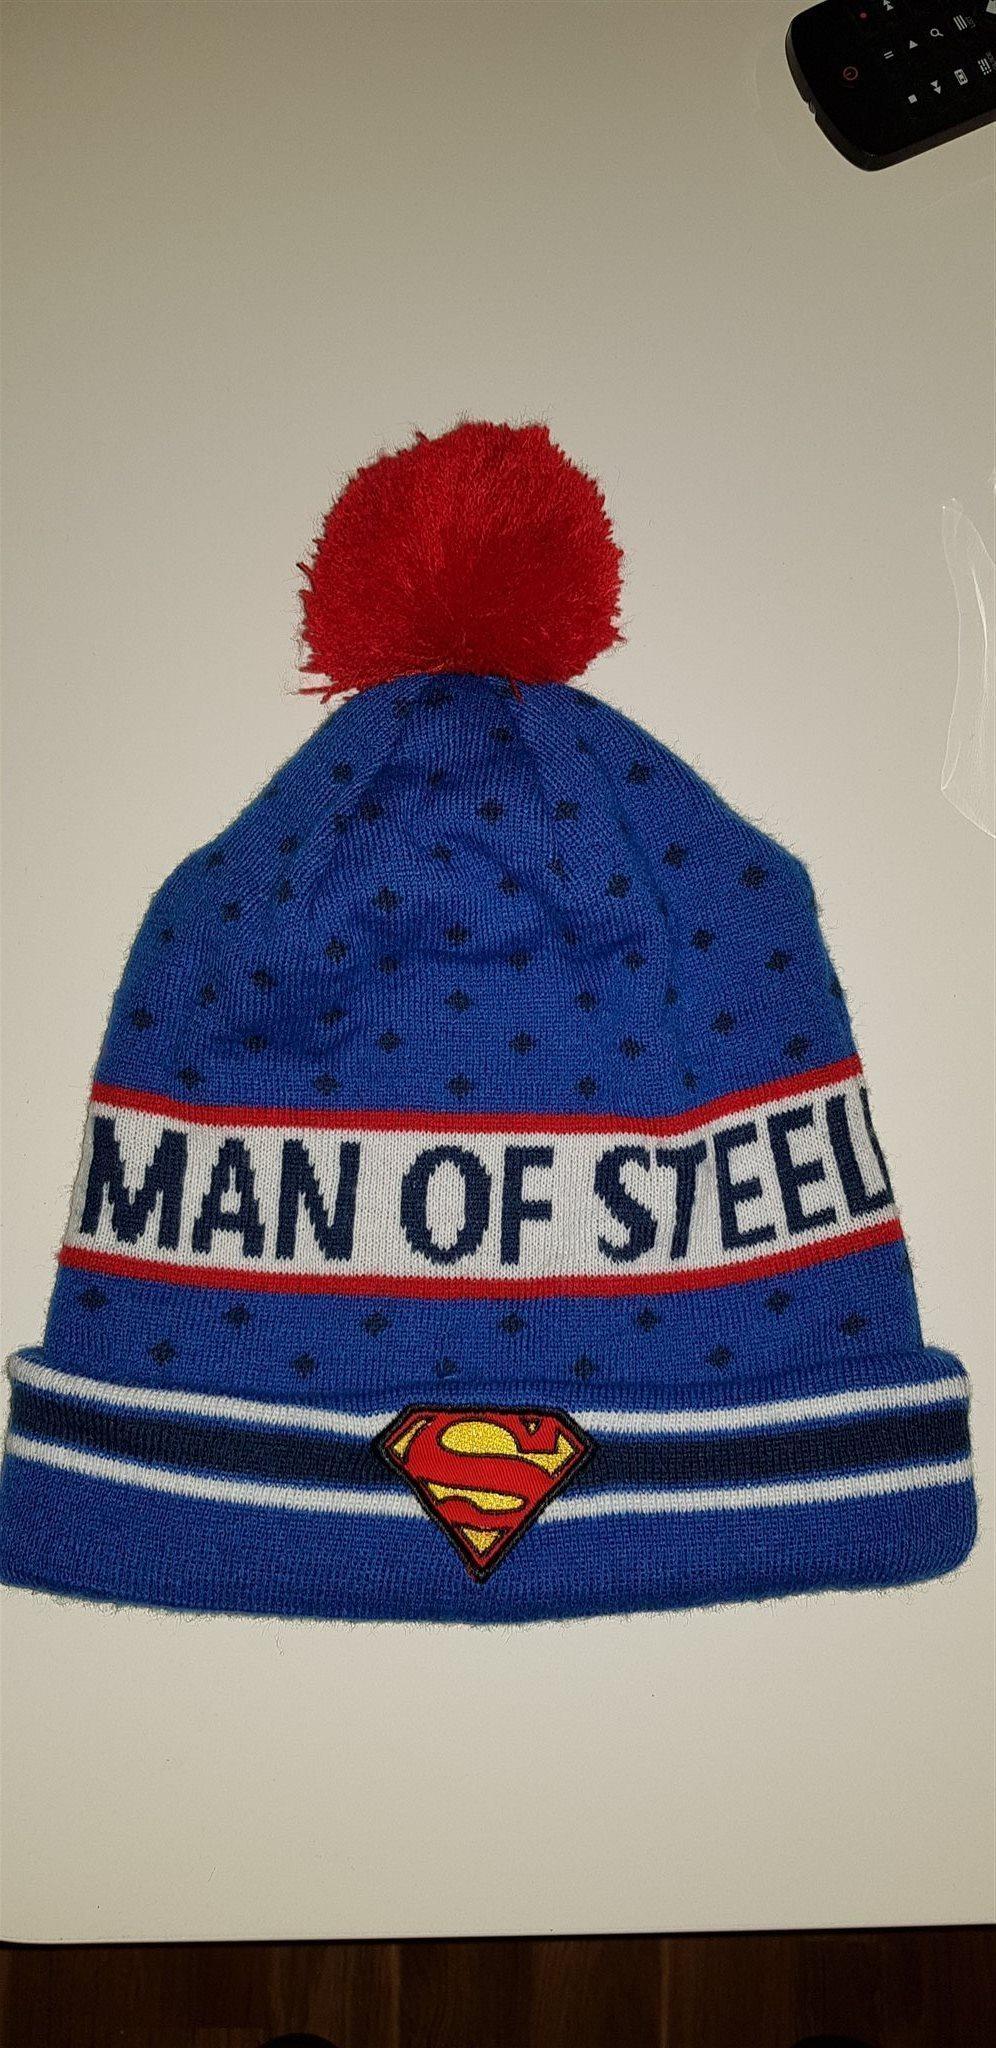 Jättefin Superman mössa (328888206) ᐈ Köp på Tradera 49e02d23a94bc